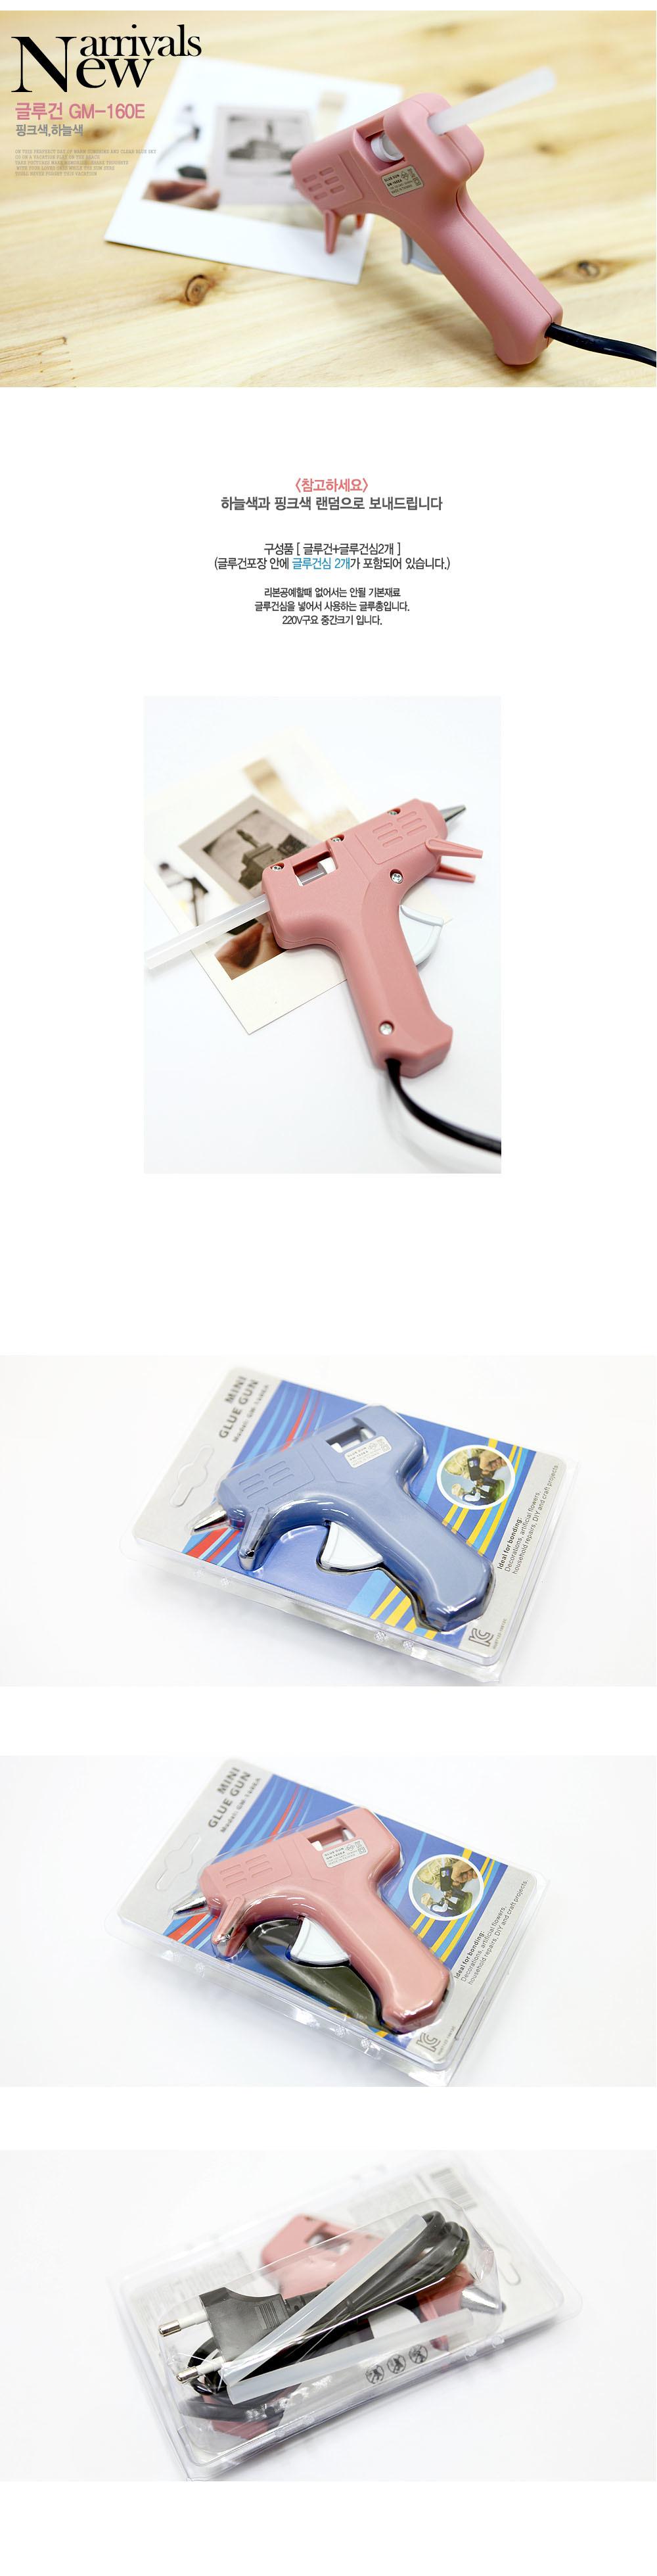 글루건 GM-160E (소형) - 핑크 하늘 색상랜덤 - 엔소엔, 5,800원, 리본공예, 리본공예 재료/공구